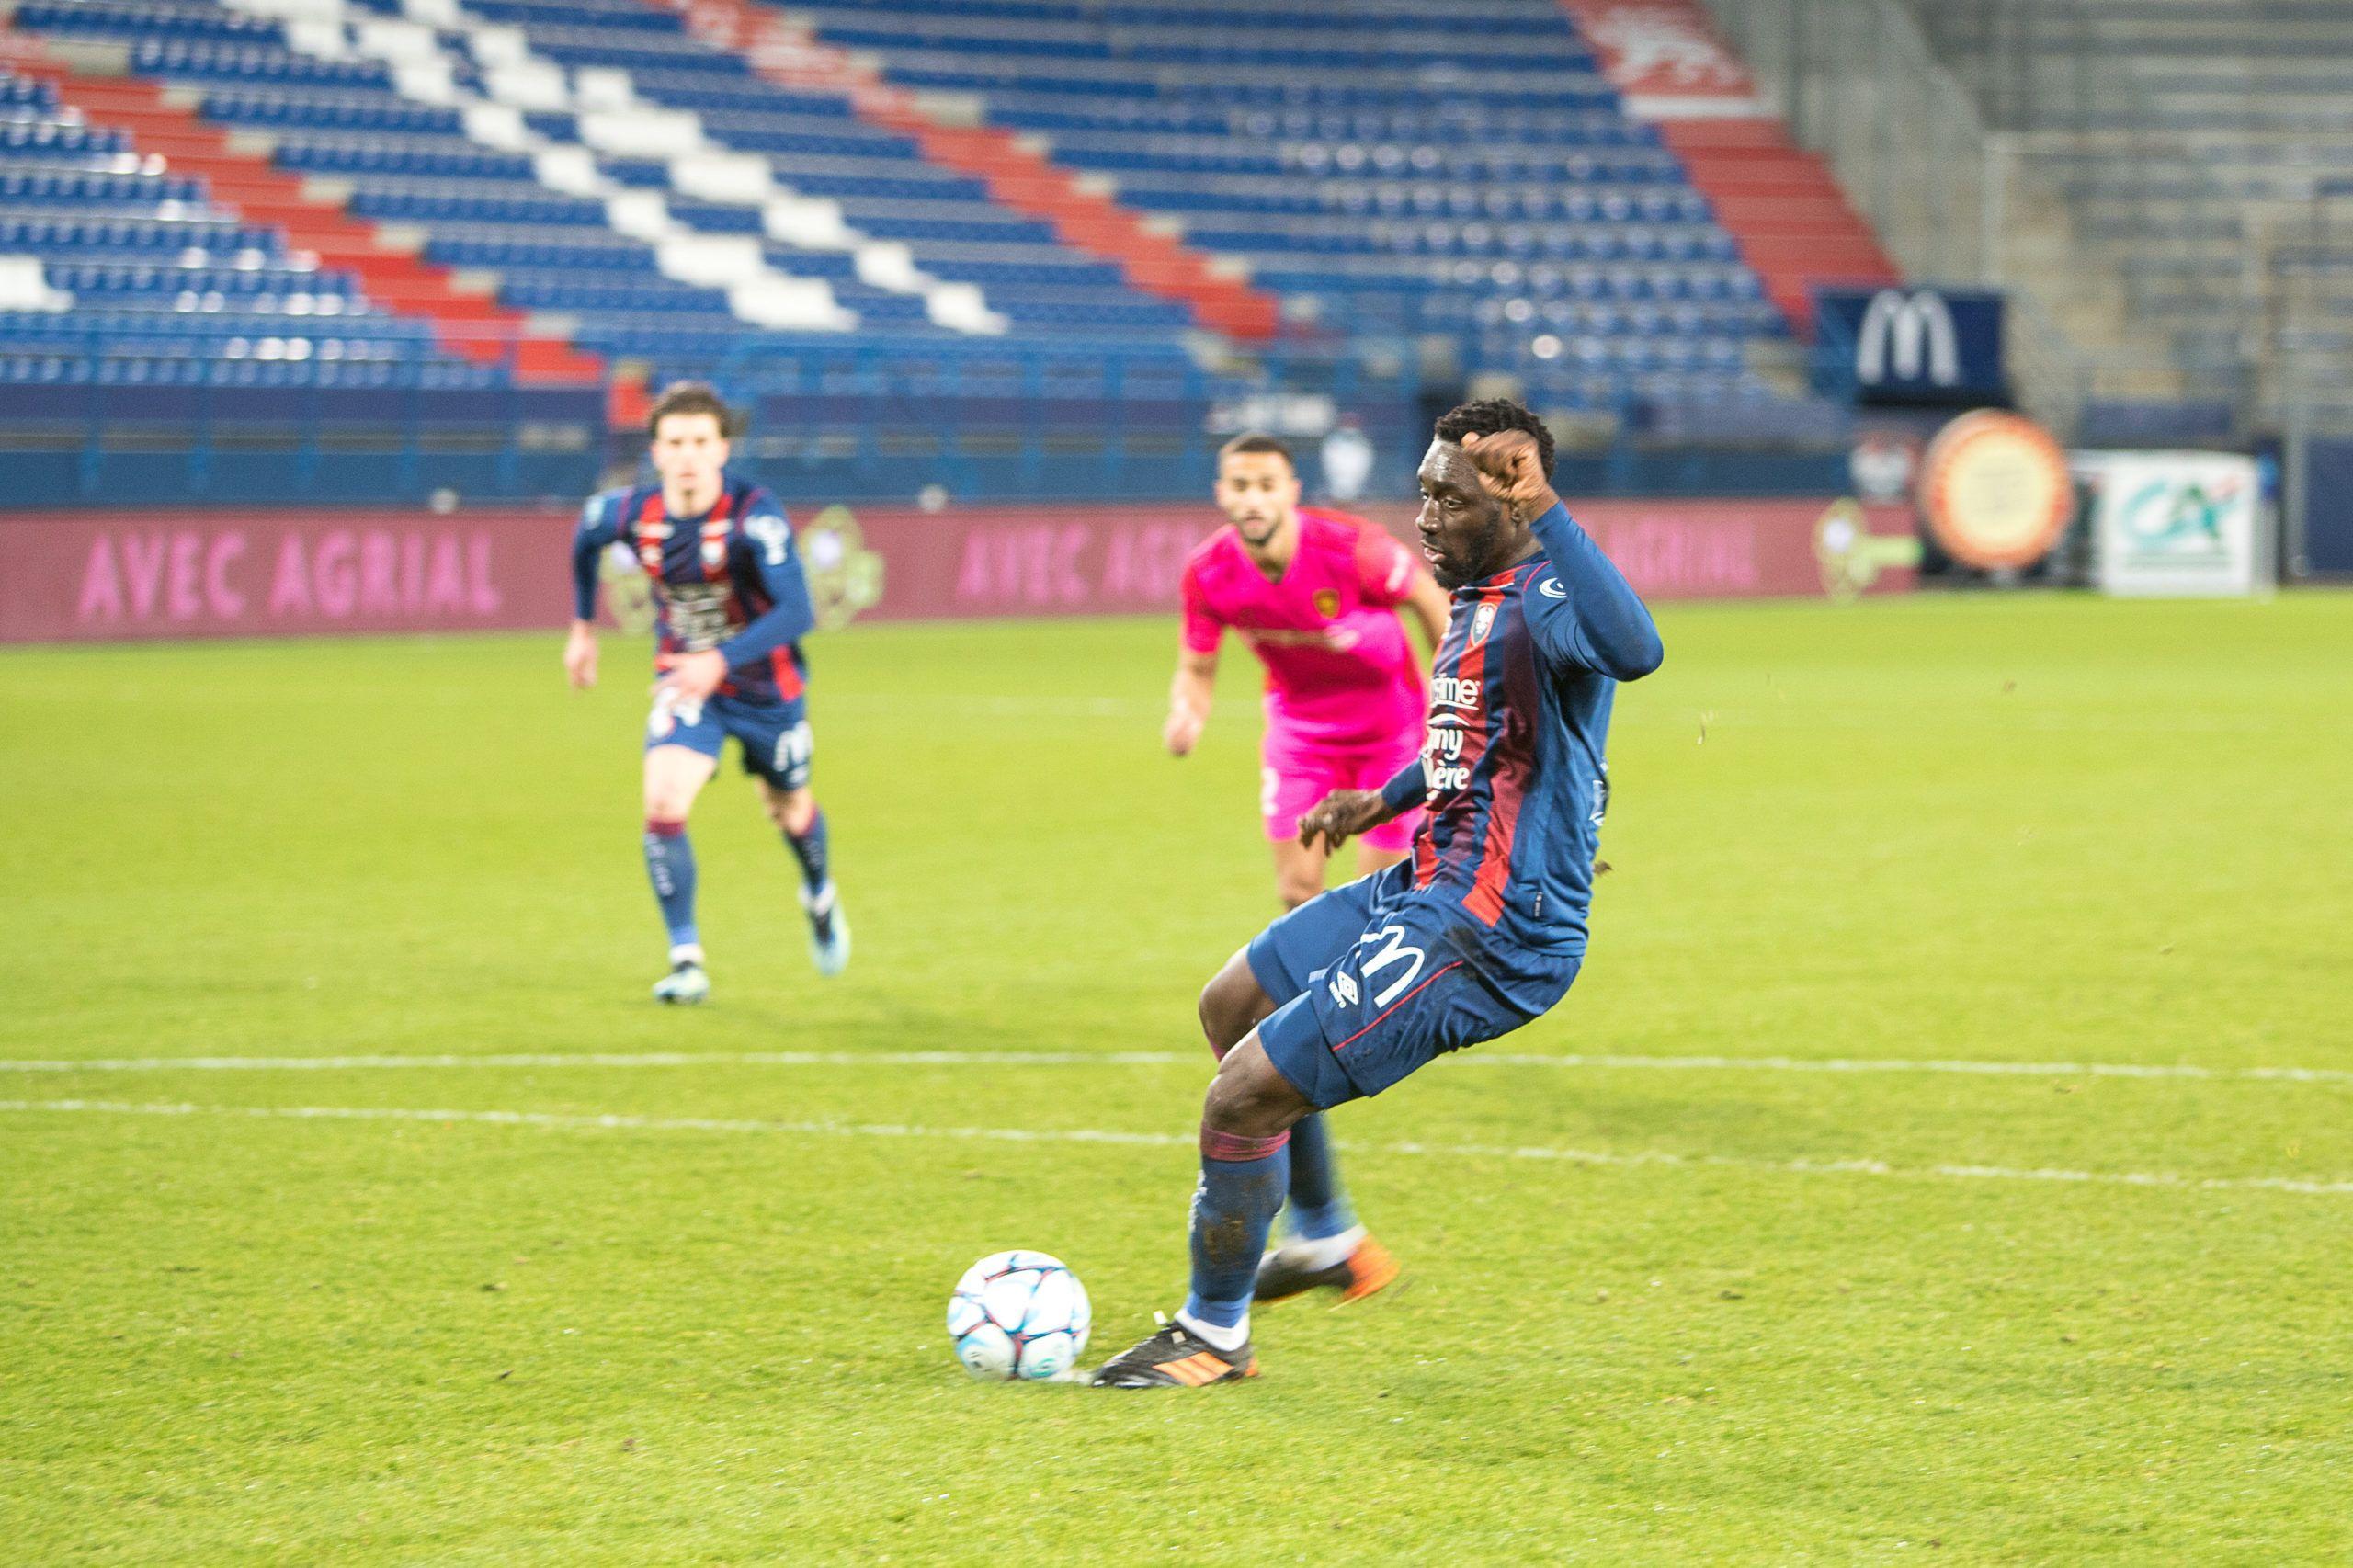 Les notes des joueurs caennais après la défaite contre Rodez (1-2)